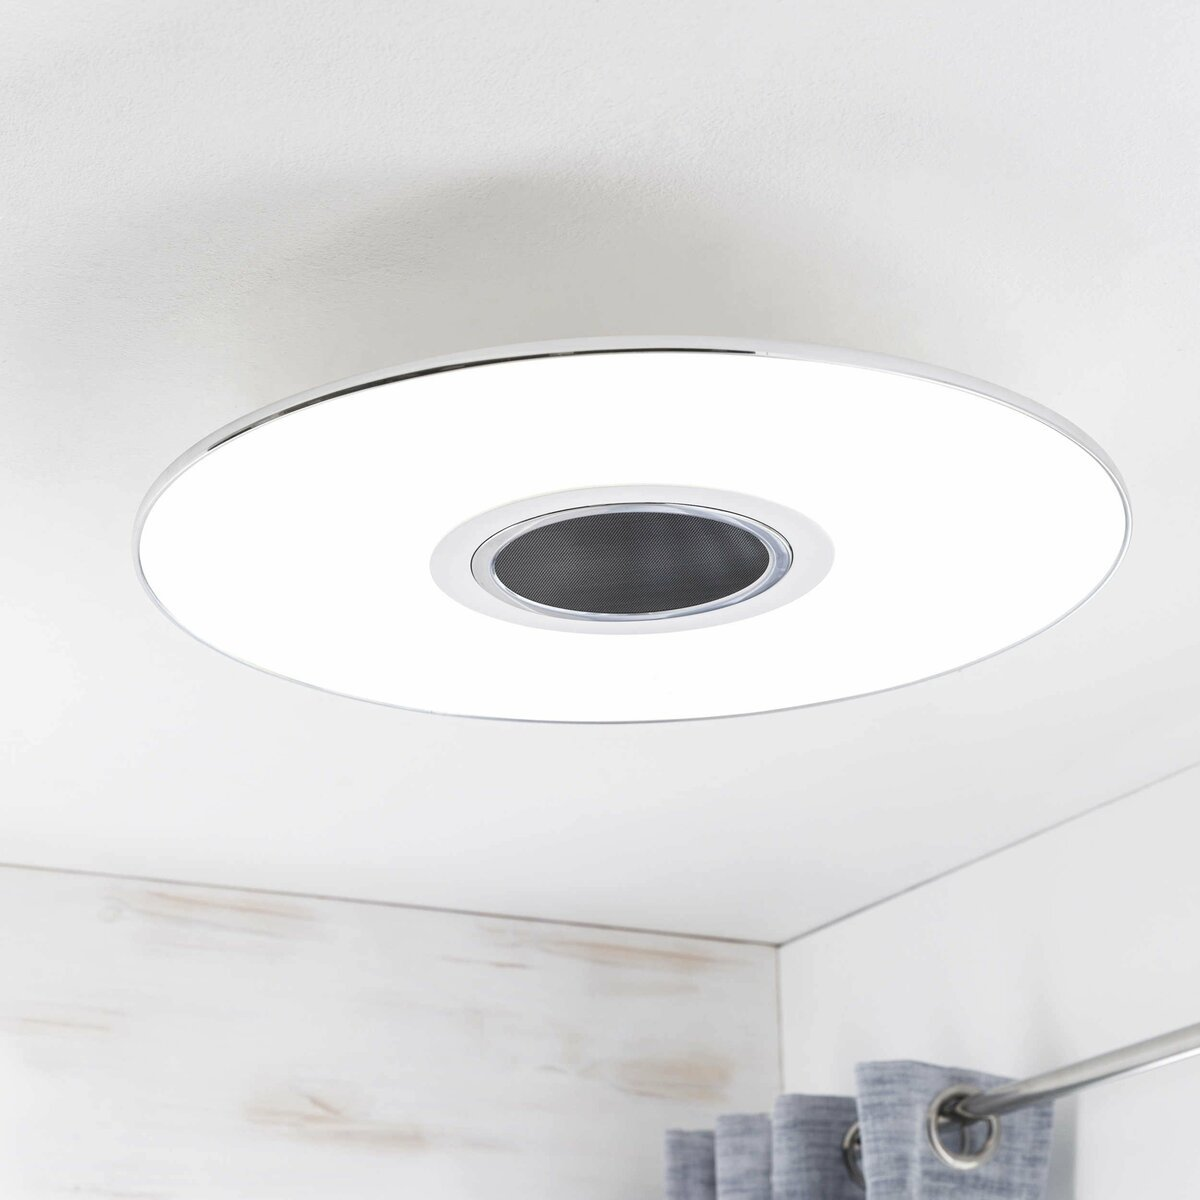 Bild 1 von AEG LED-Deckenleuchte   Tonic